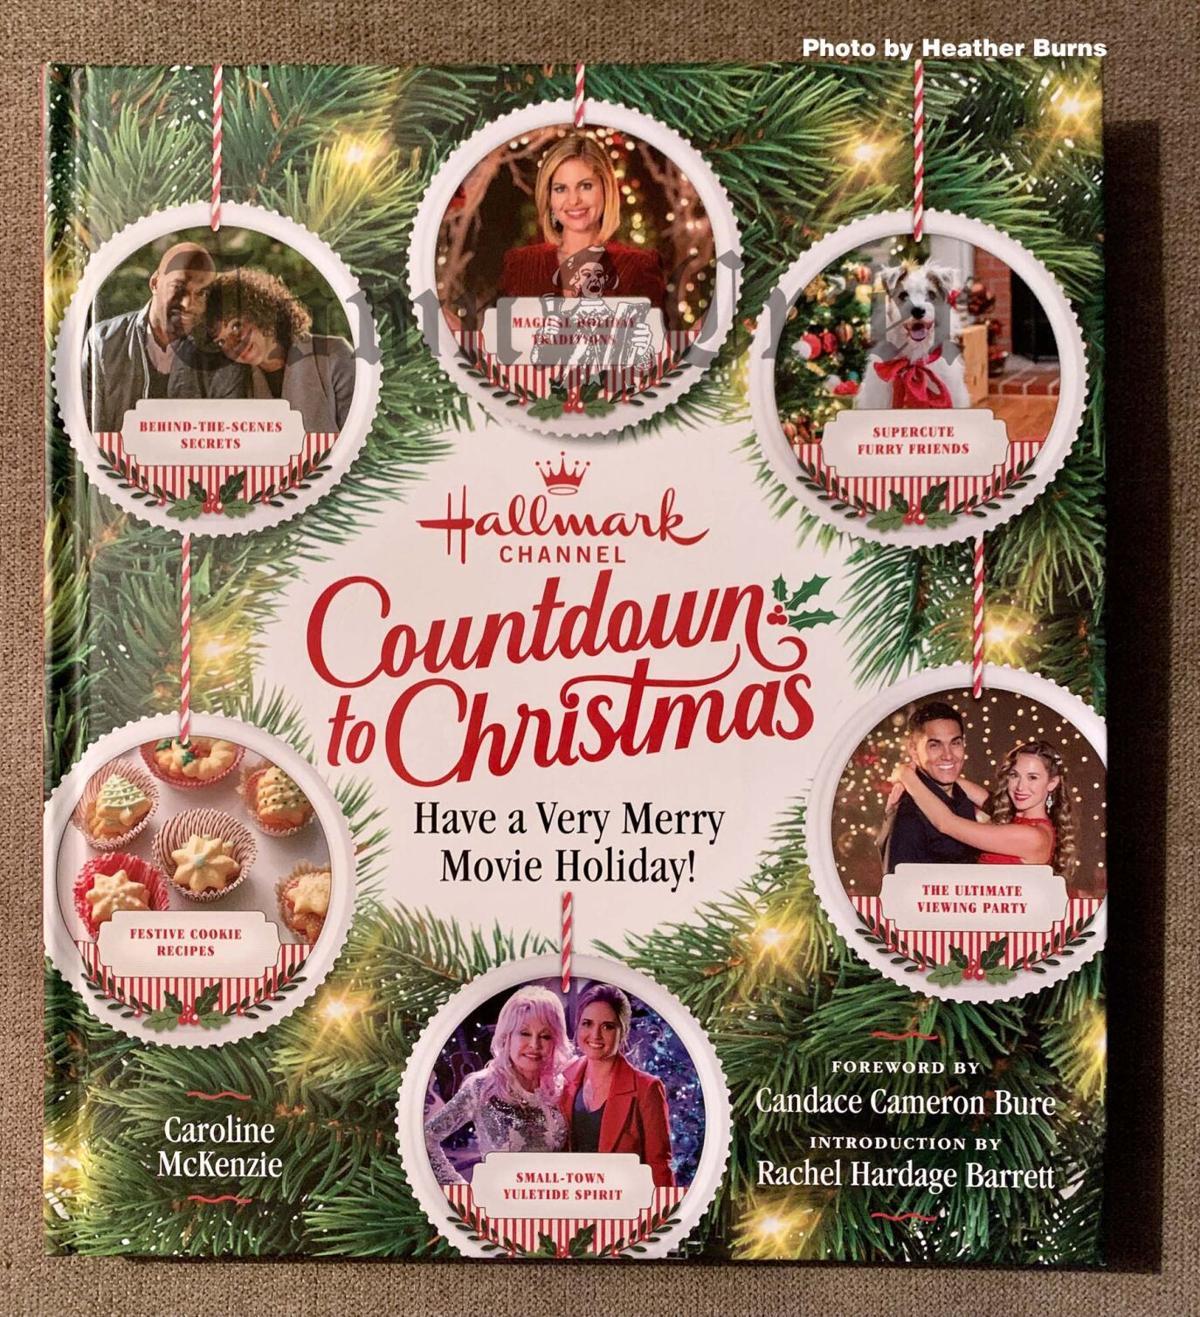 Hallmark's Countdown to Christmas